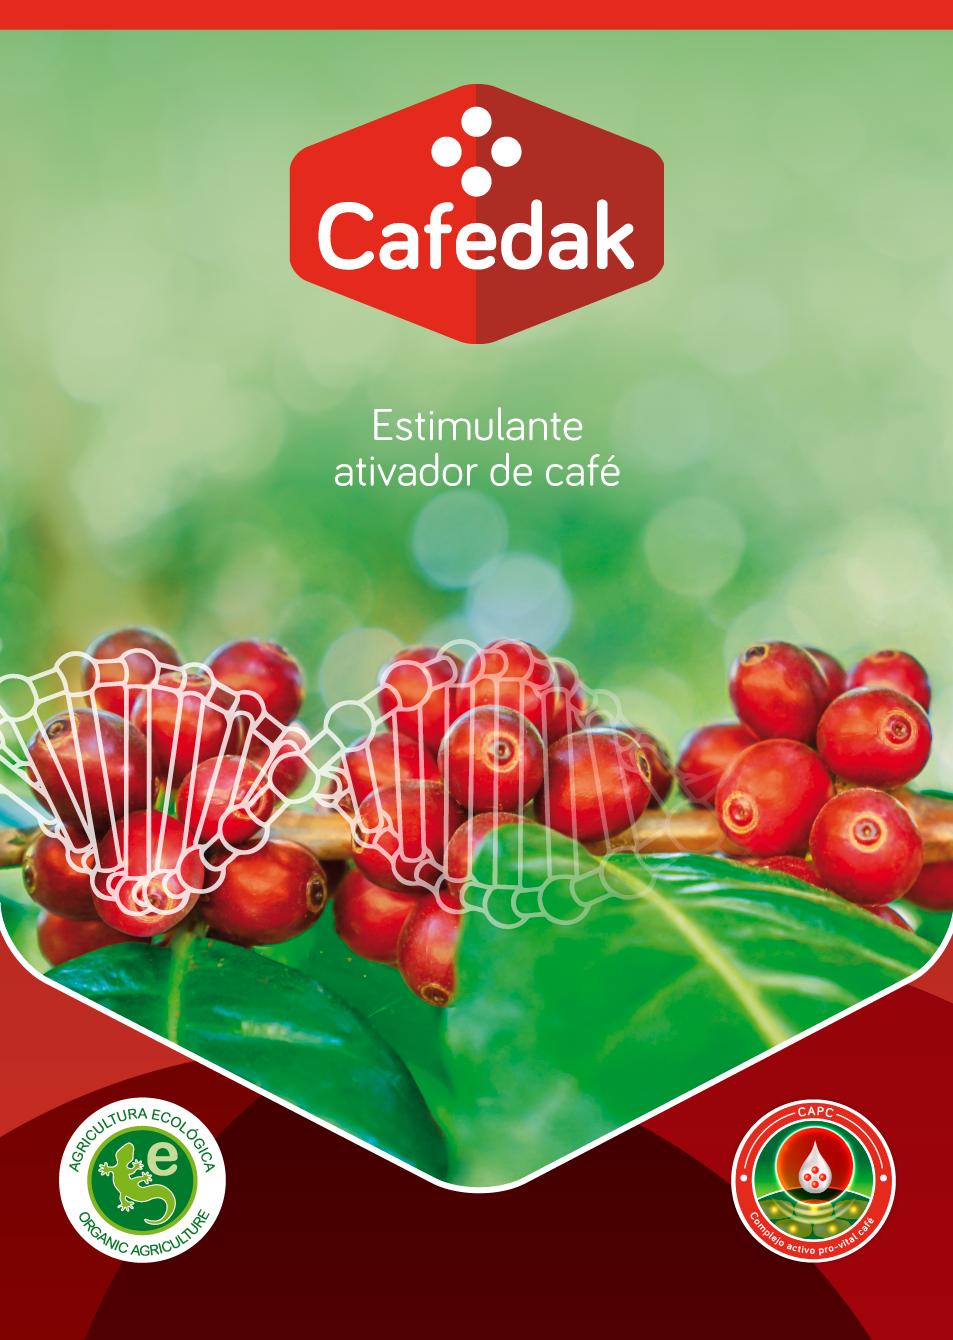 Cafedak: Estimulante ativador de café